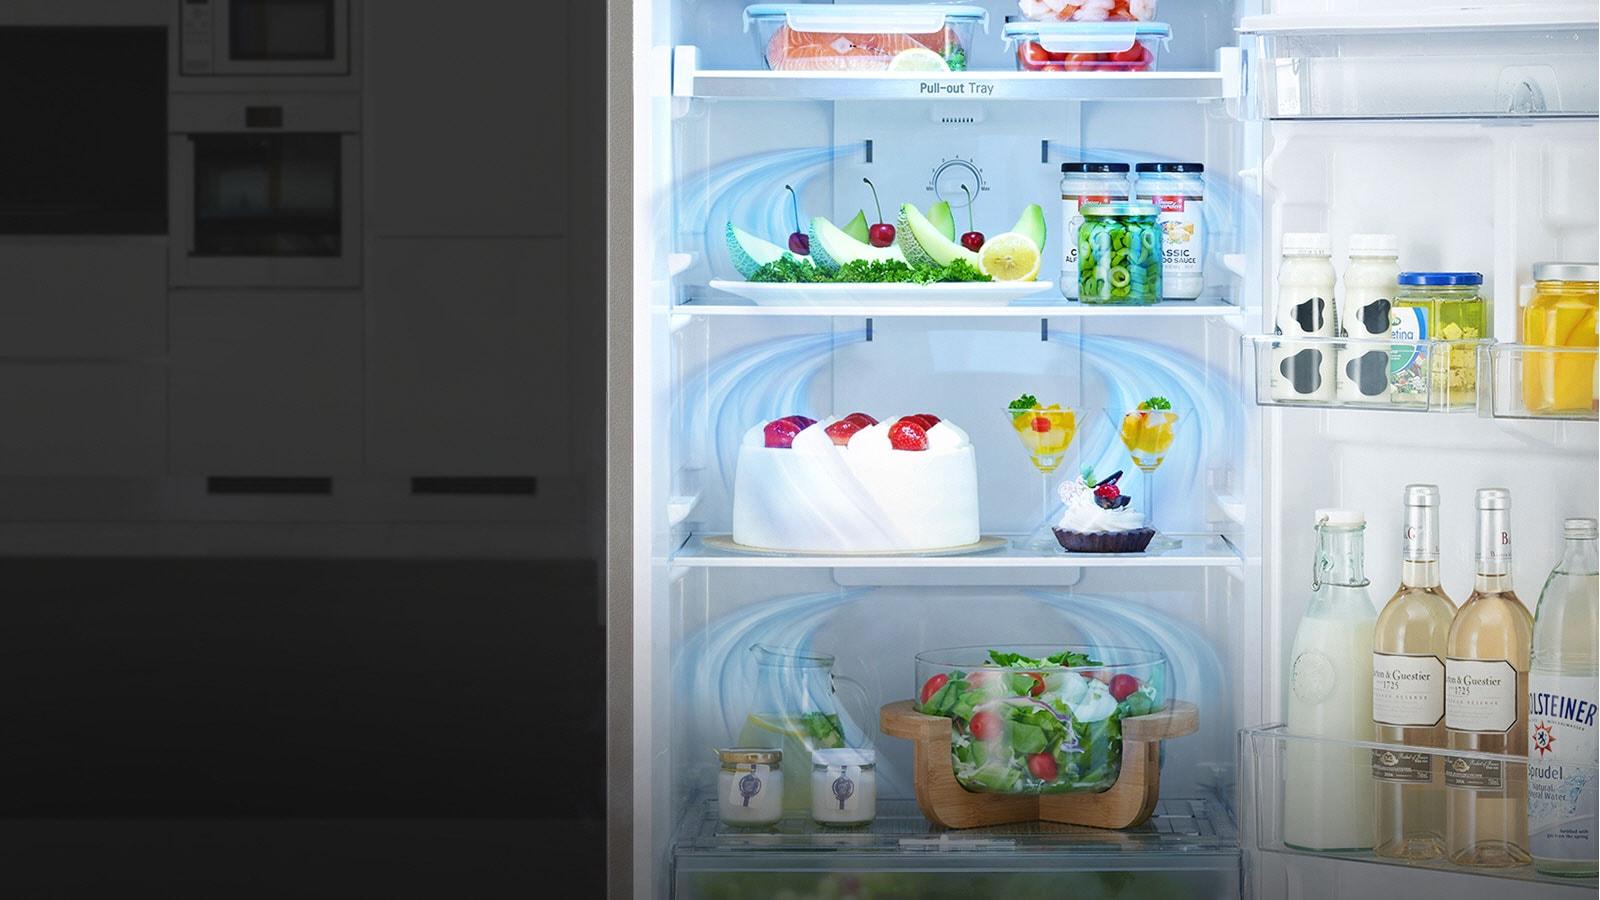 Déplacement de l'air dans le réfrigerateur